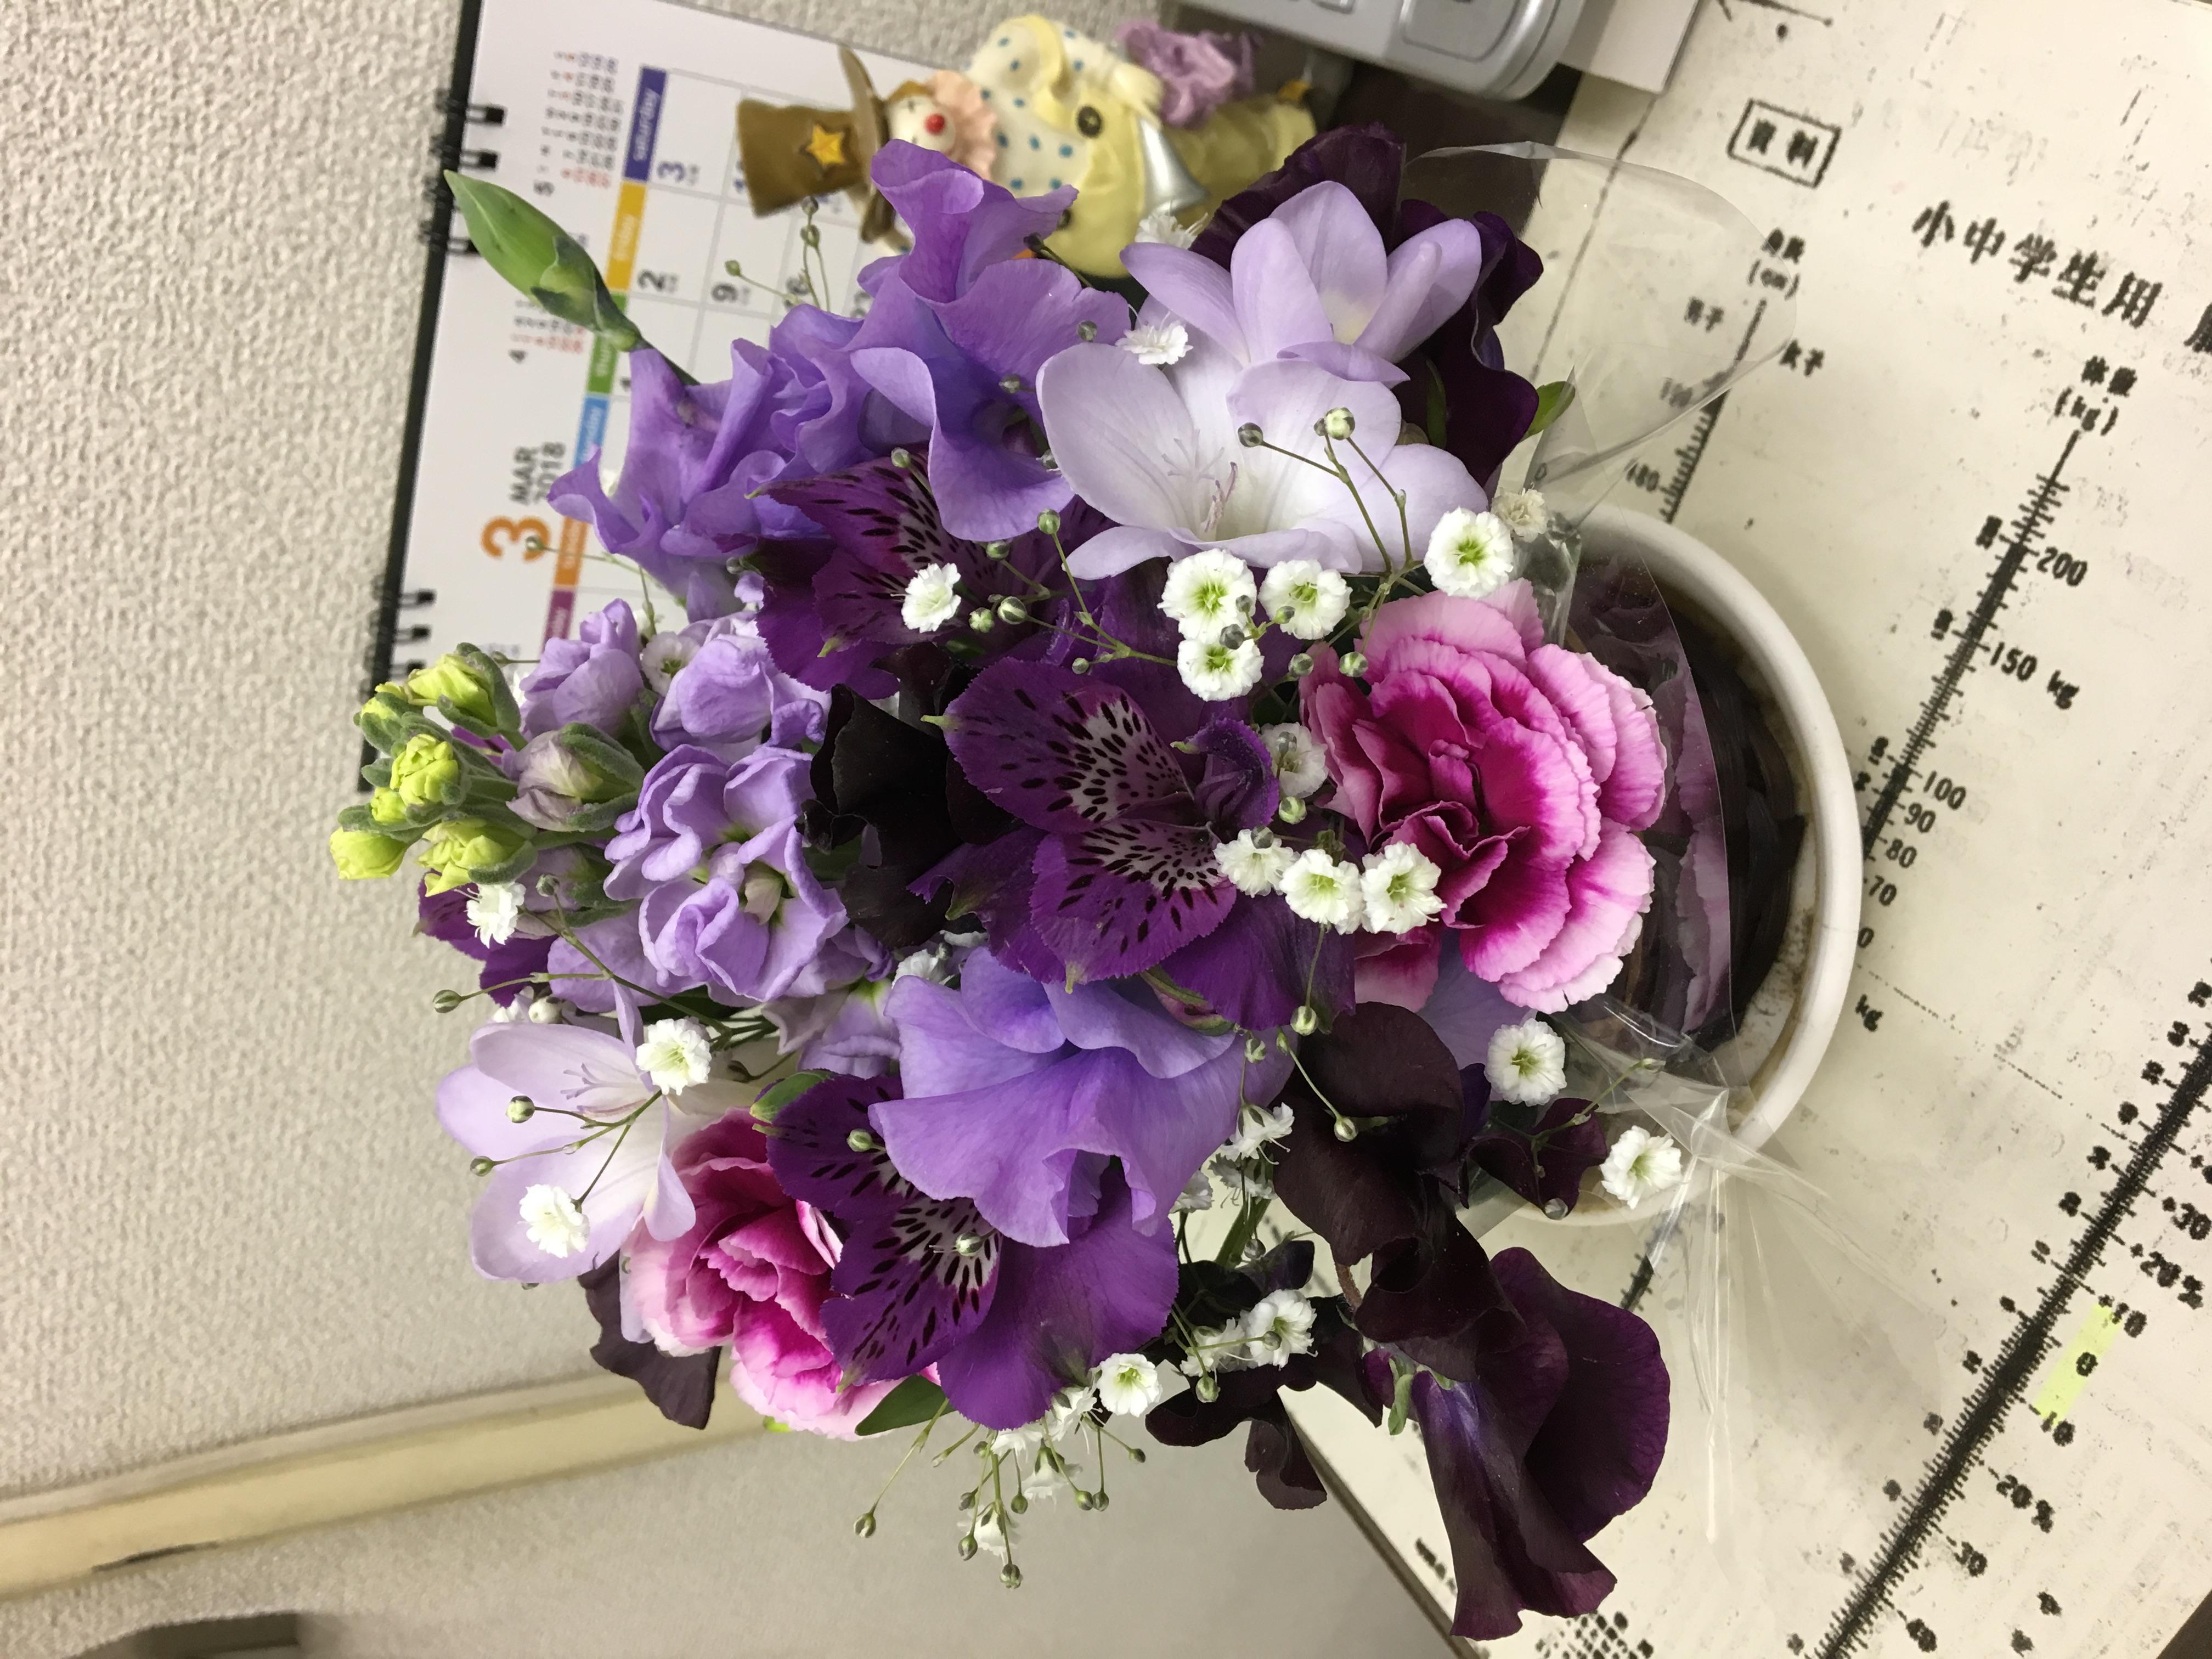 [ブログ]お花頂きました(о´∀`о)